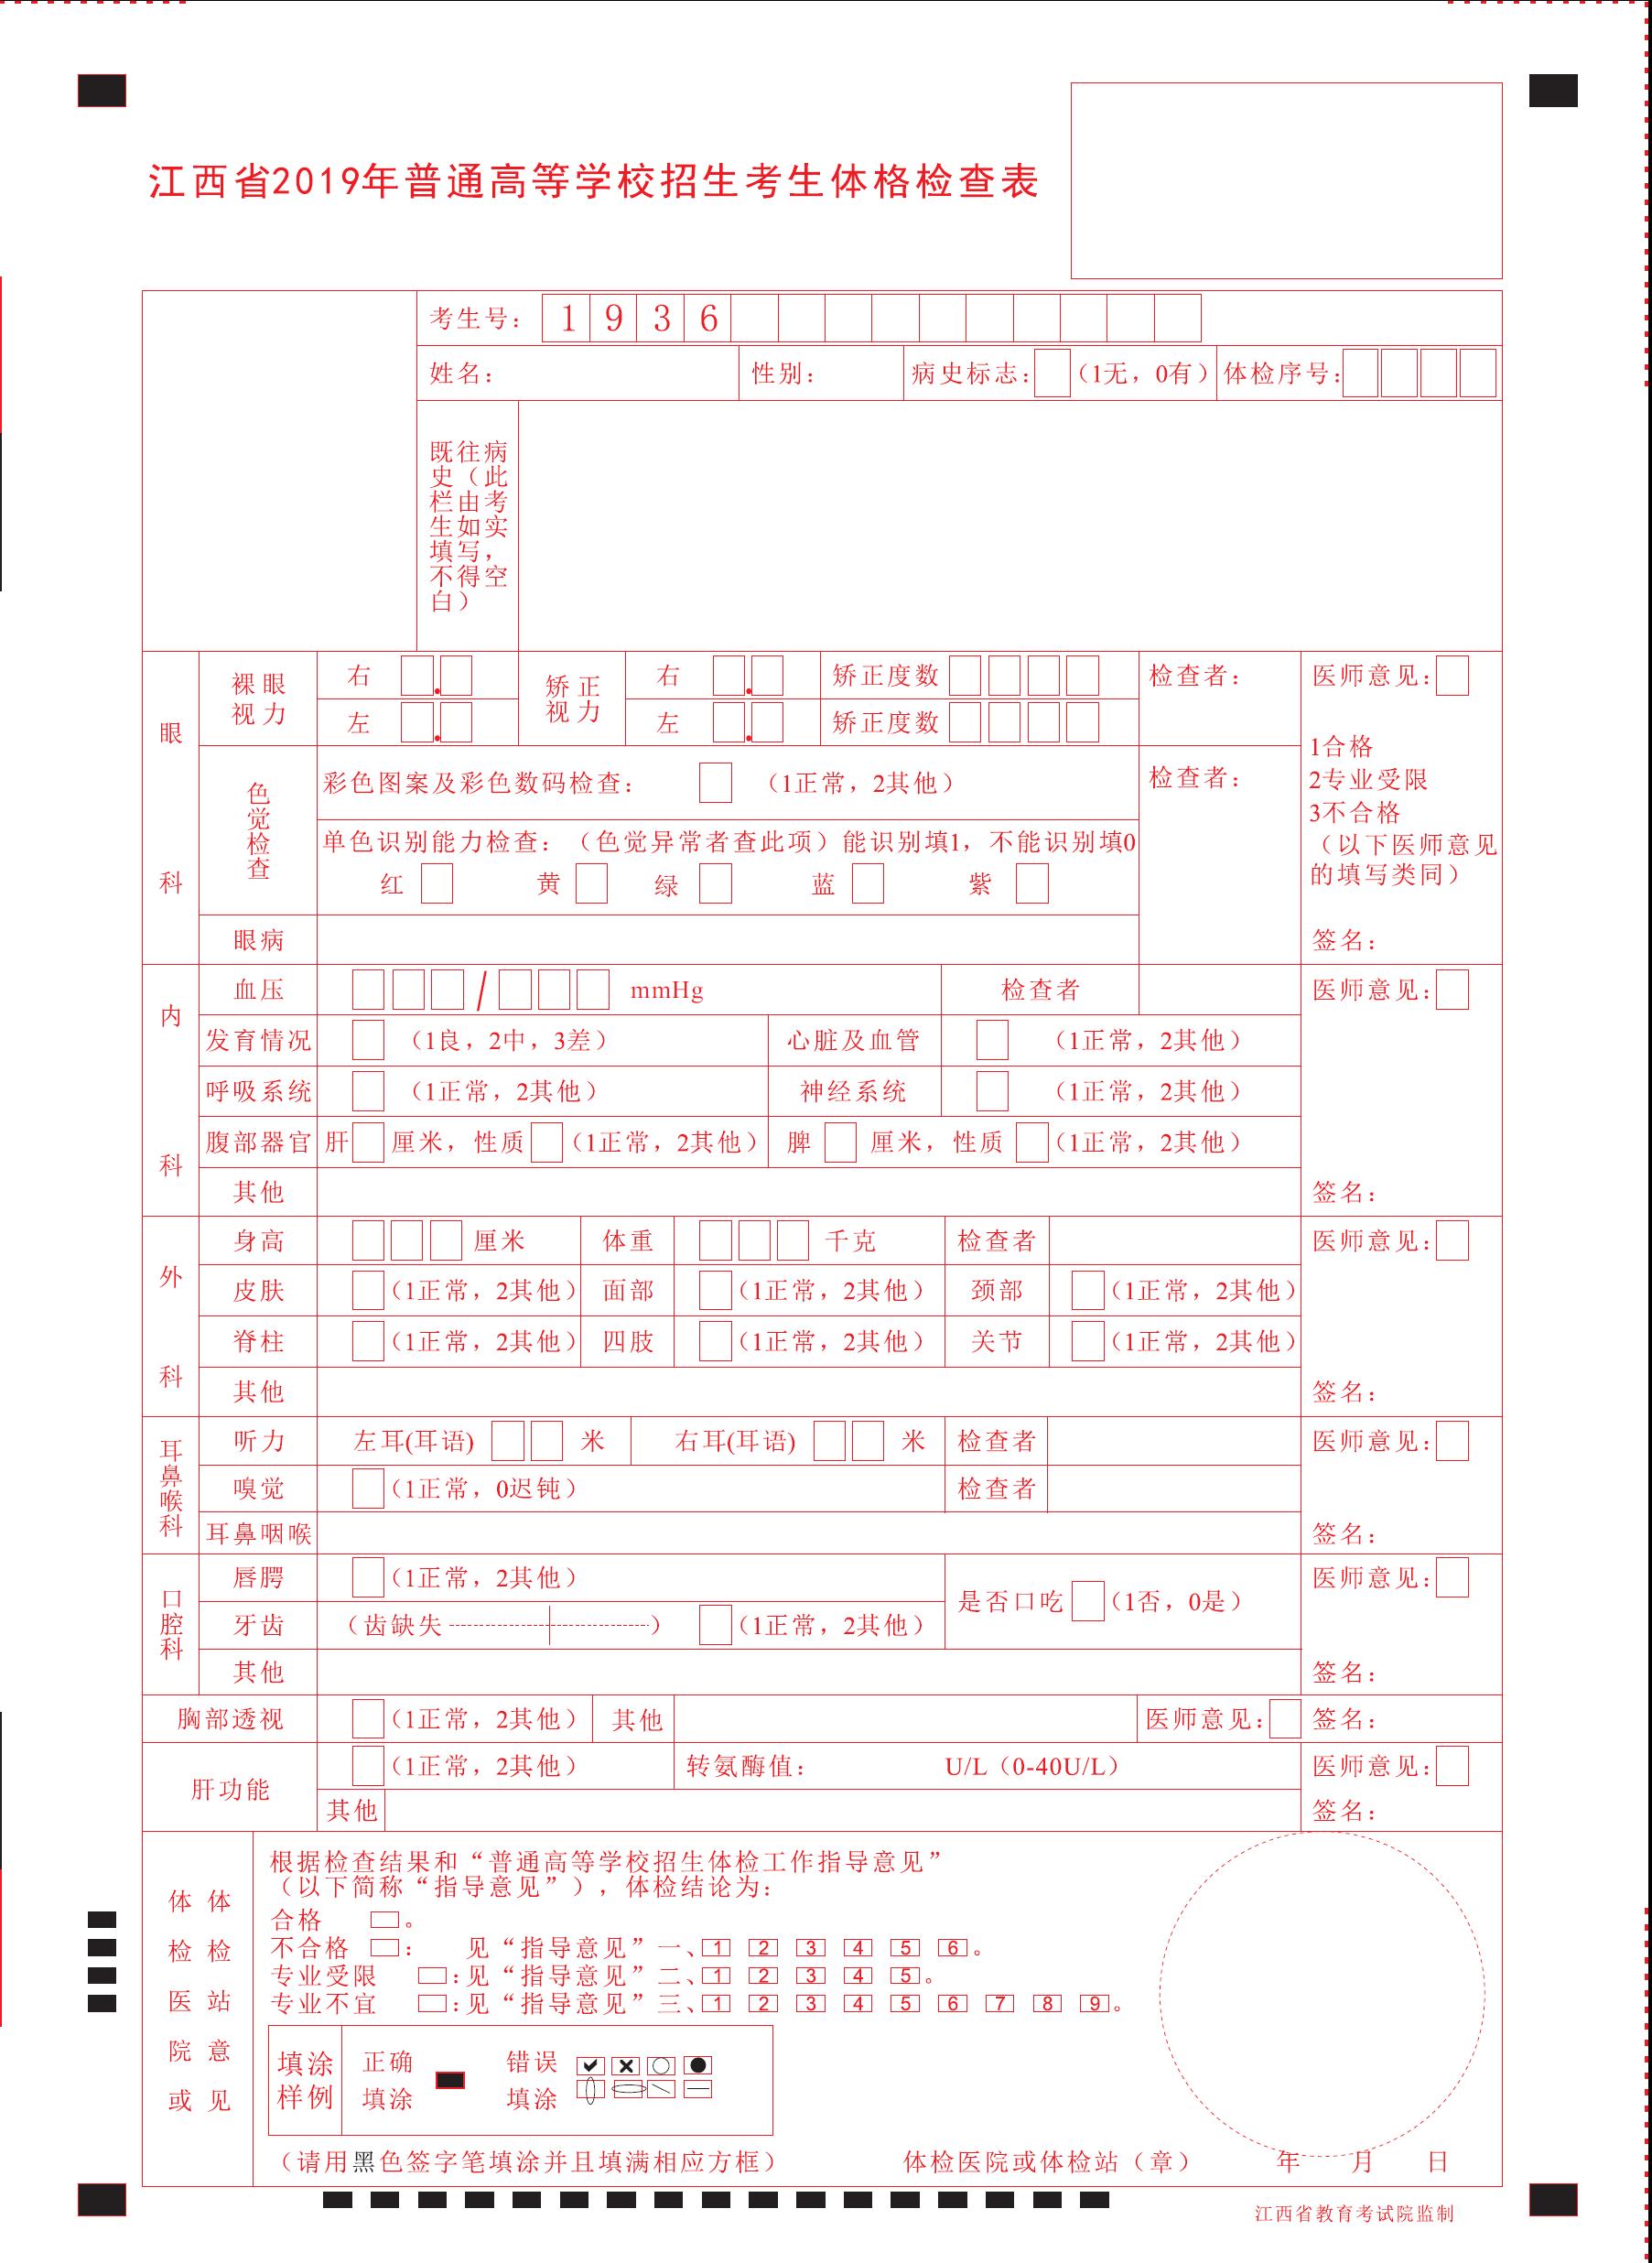 体检表.png